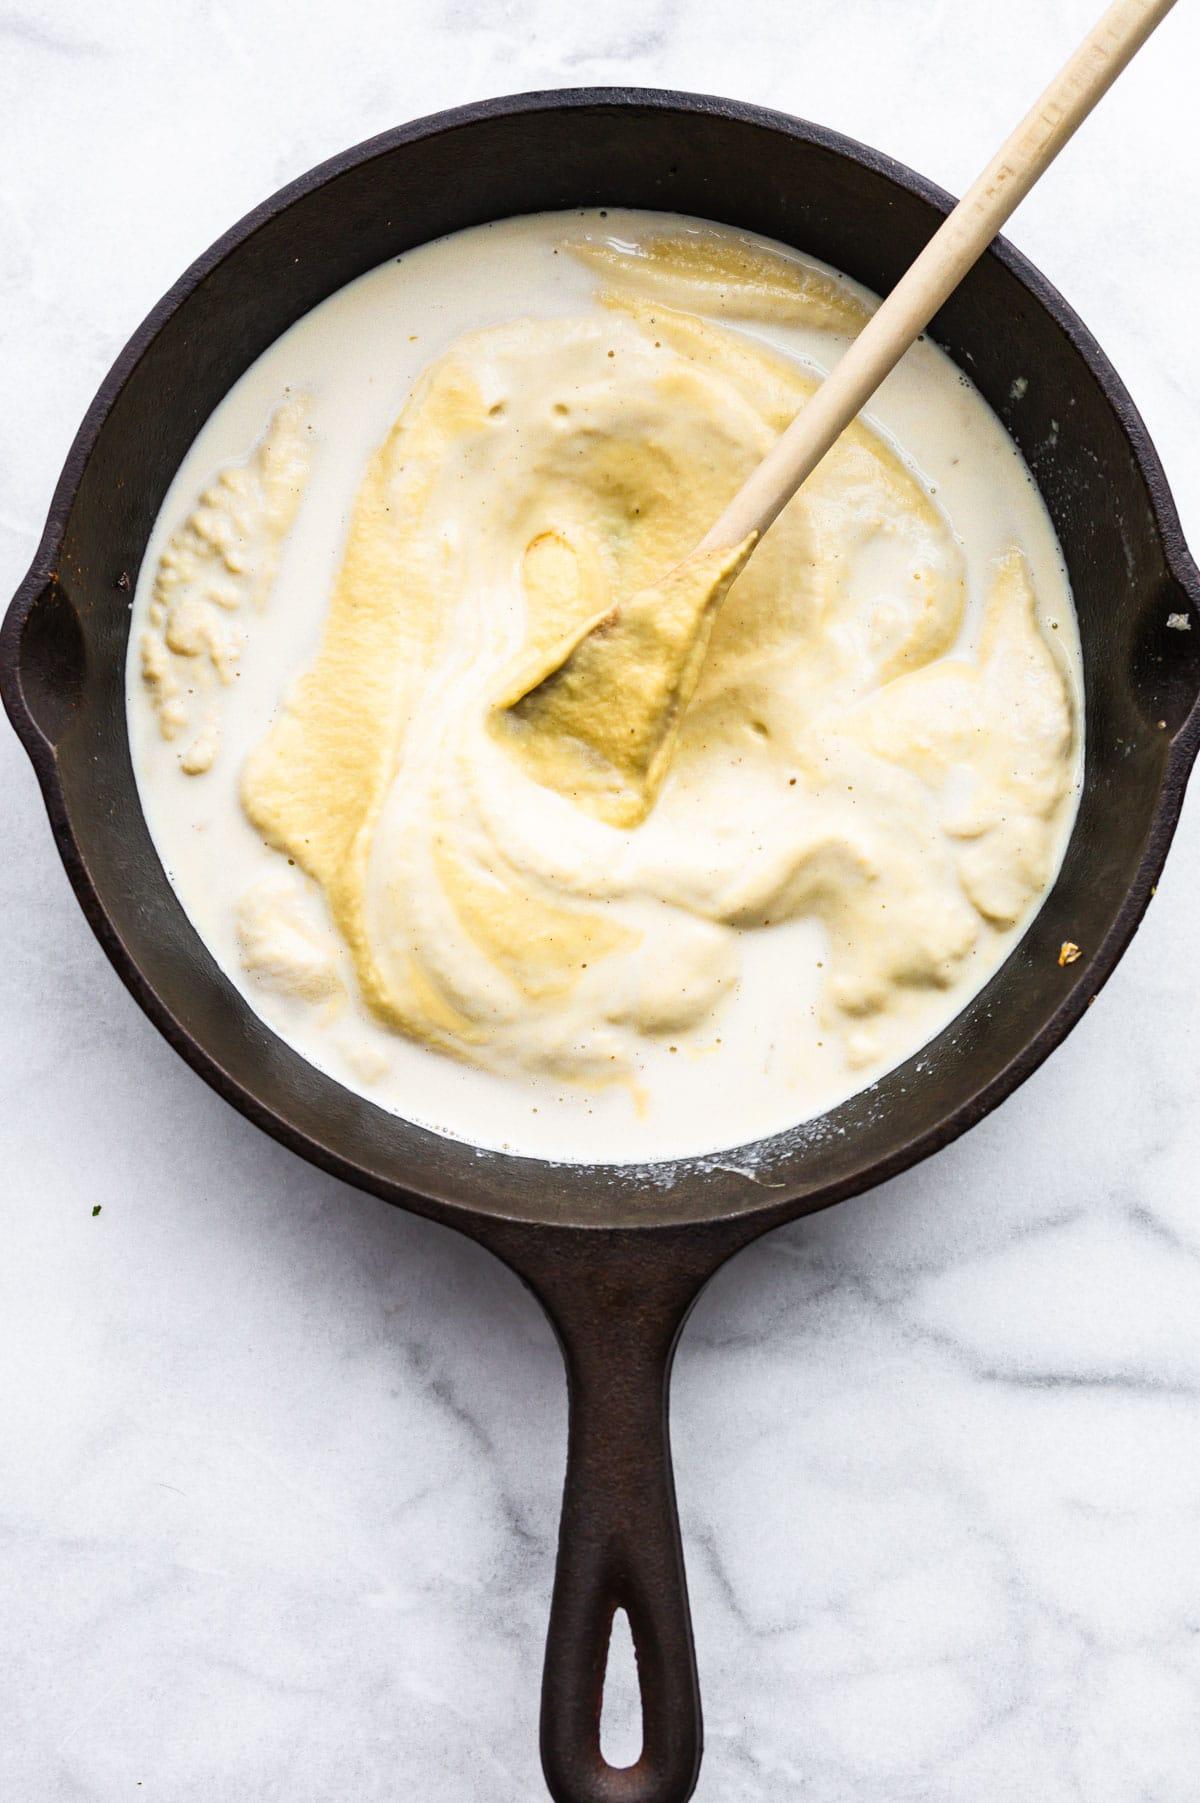 Stirring non dairy cream in with cauliflower